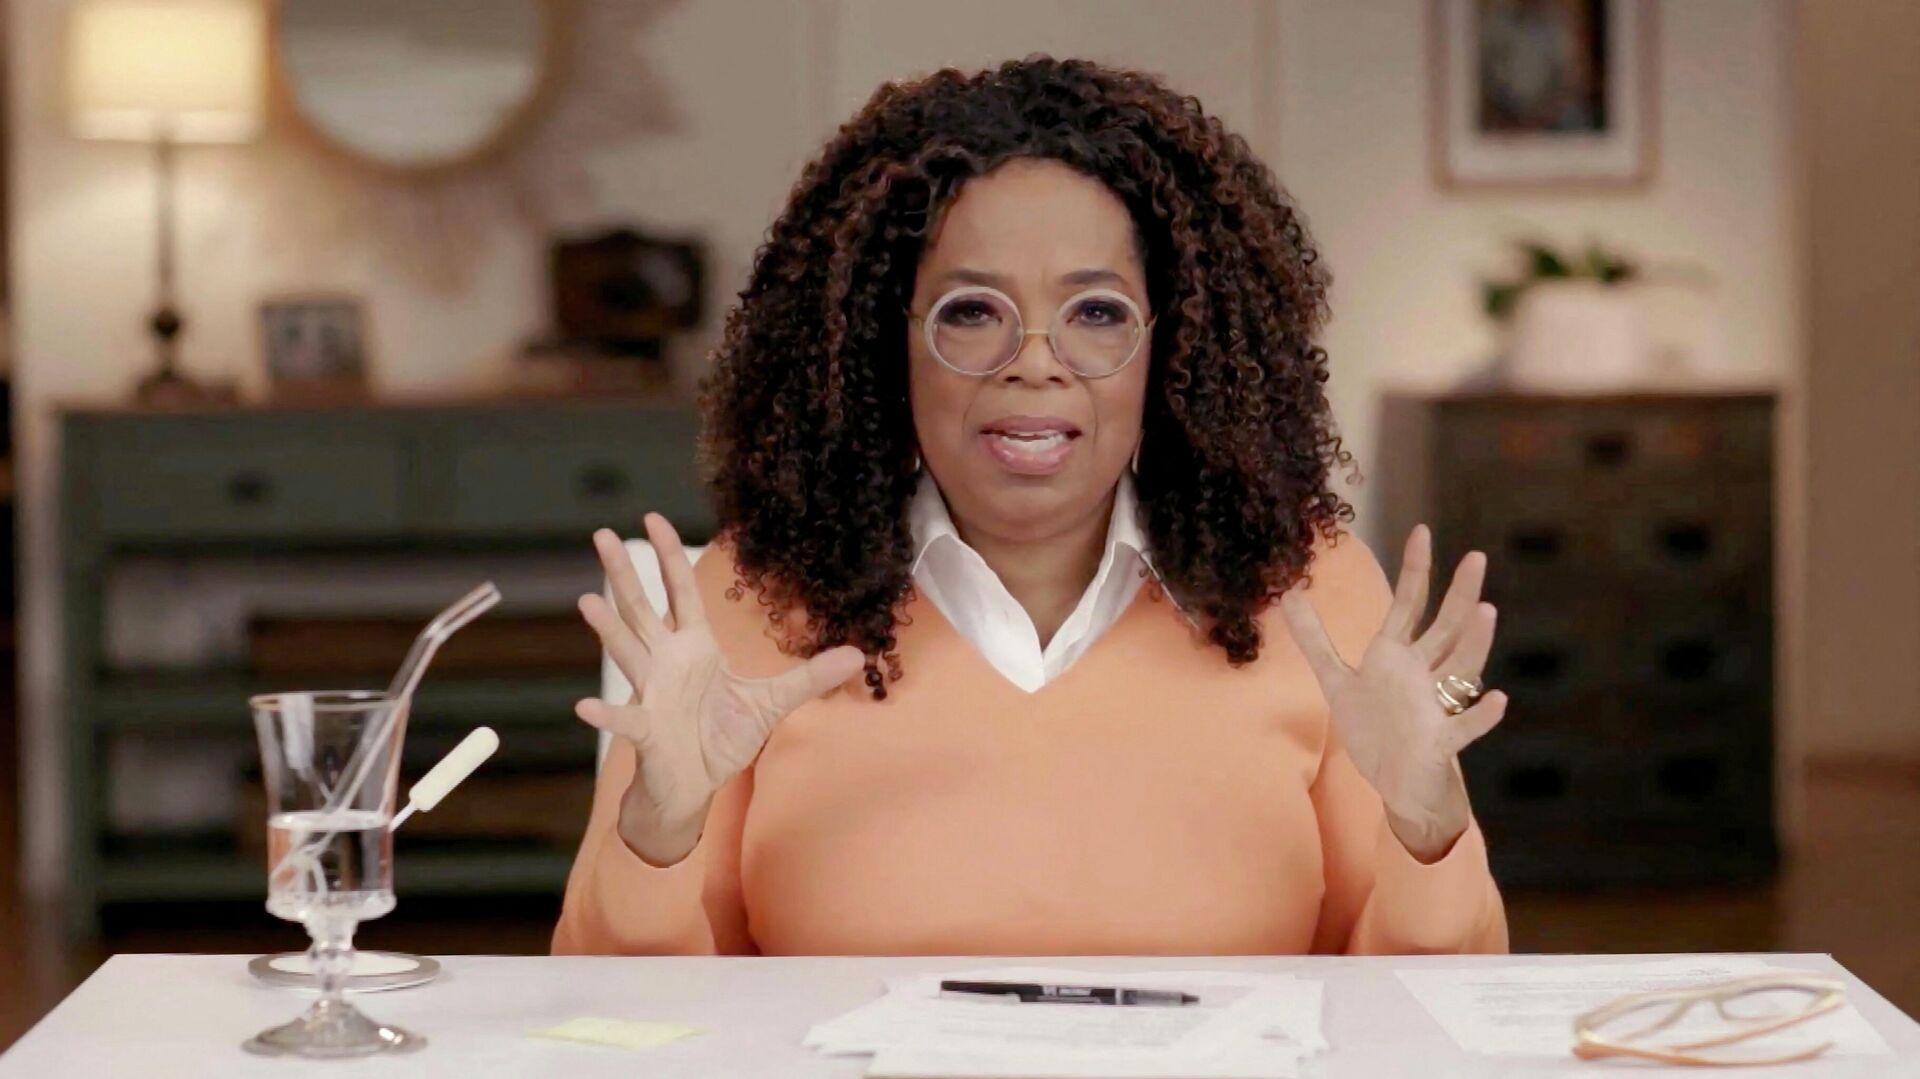 Oprah Winfrey, presentadora de televisión estadounidense  - Sputnik Mundo, 1920, 14.06.2021